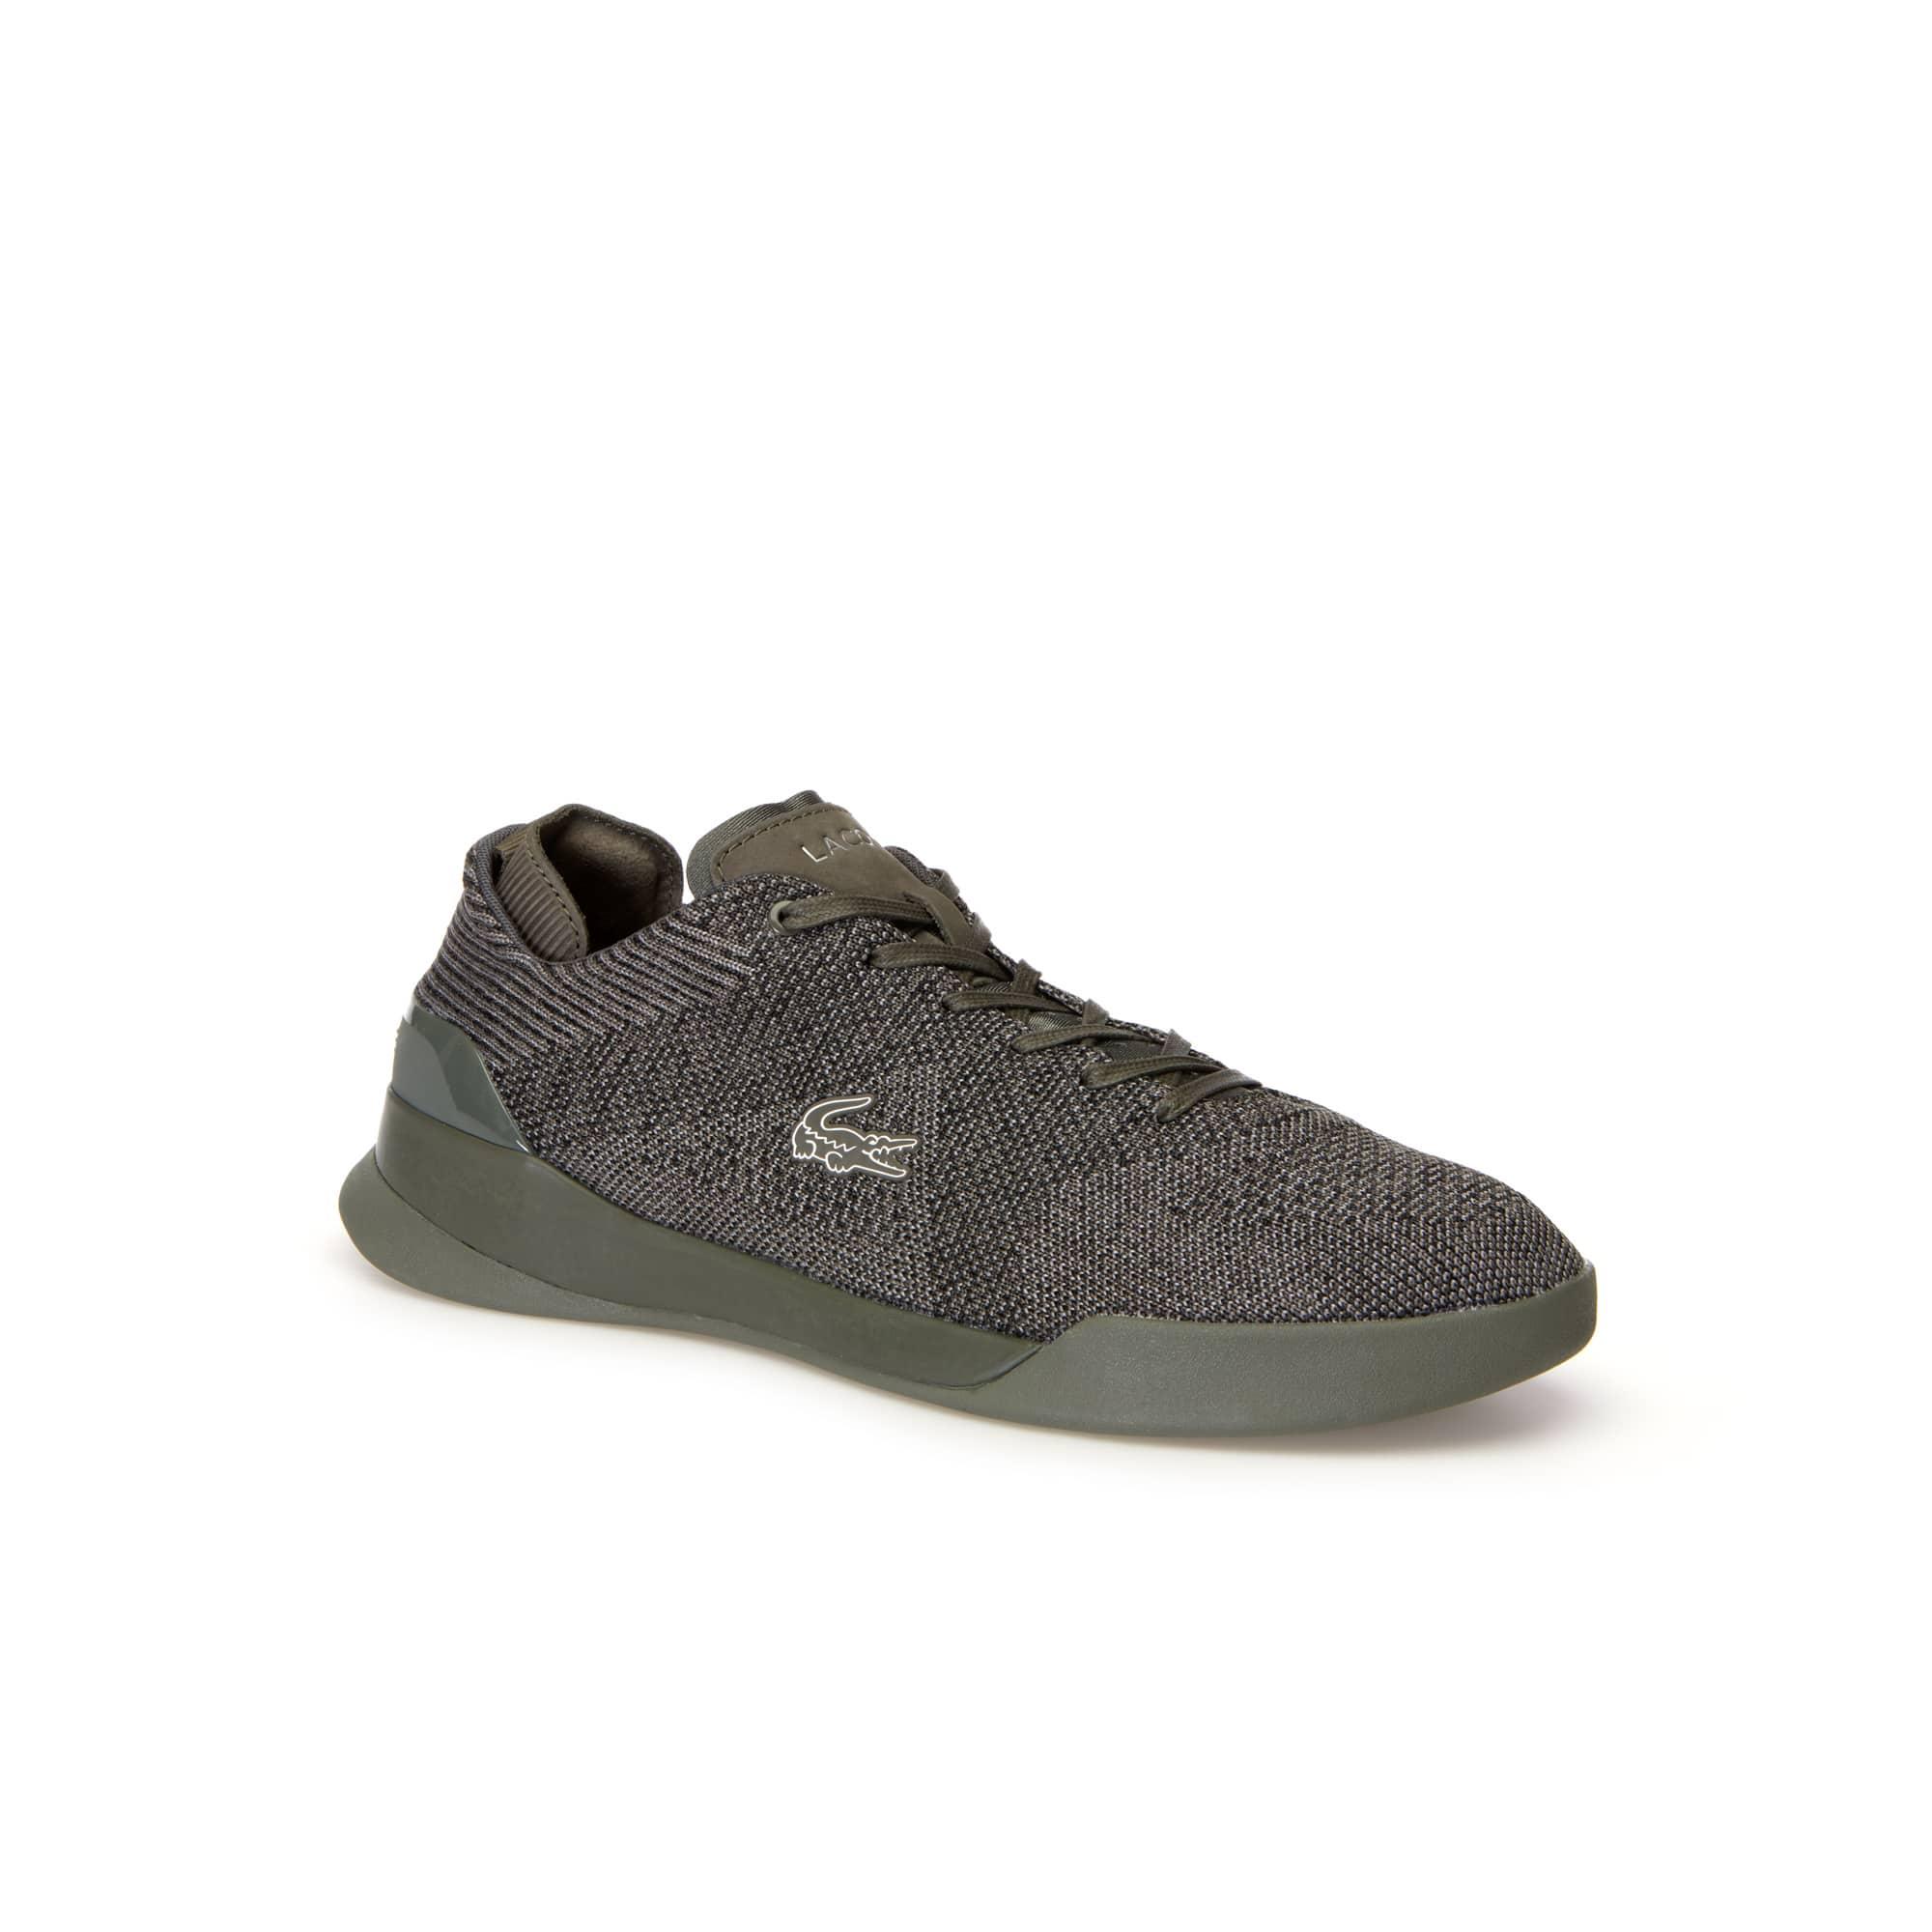 Herren-Sneakers DUAL ELITE aus Piqué-Mesh LACOSTE SPORT